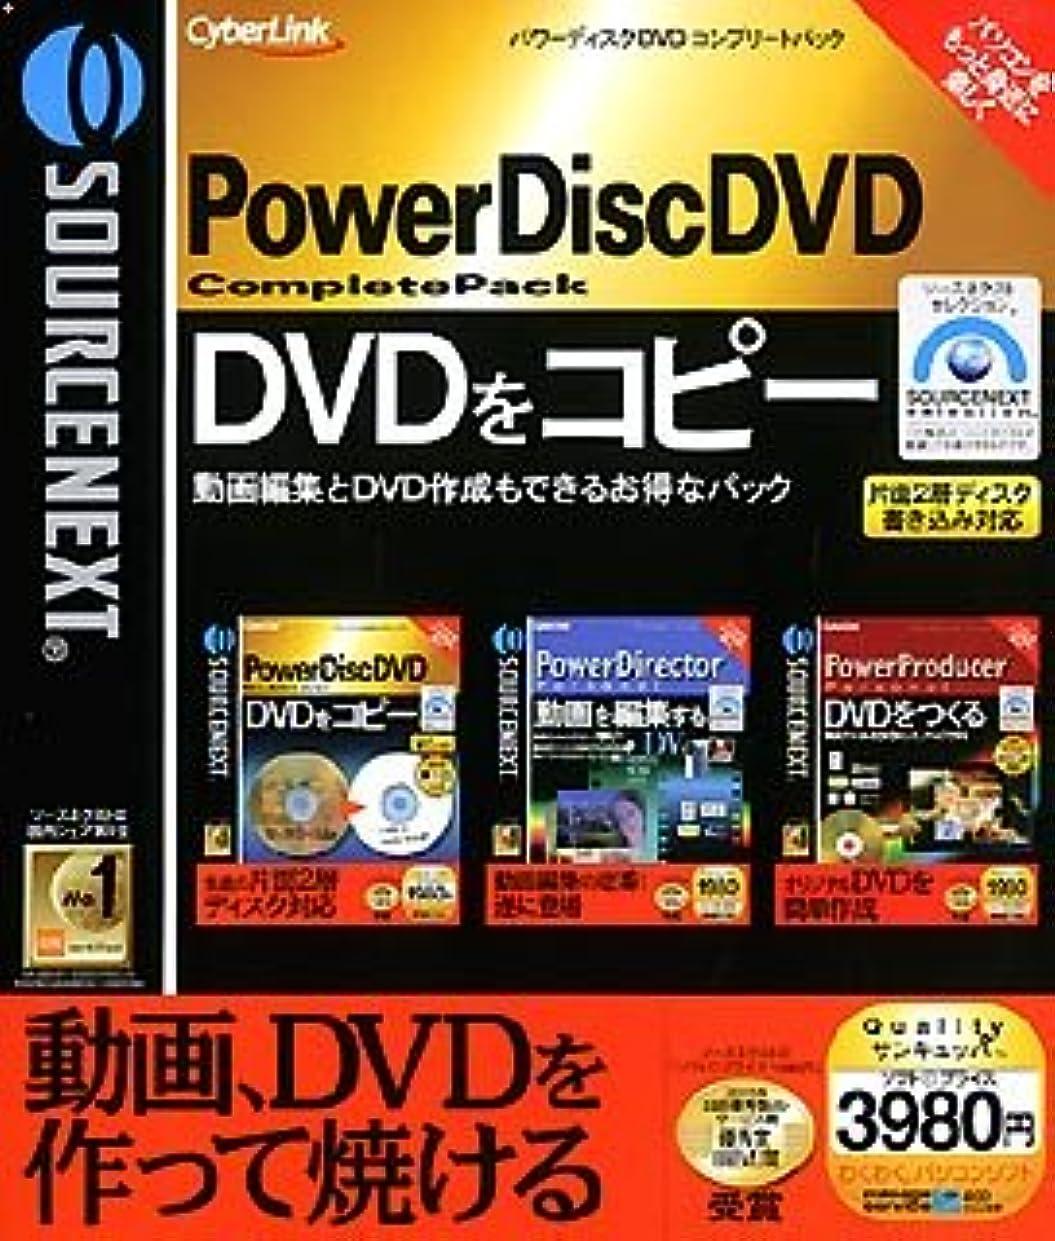 日減らす自慢PowerDiscDVD CompletePack